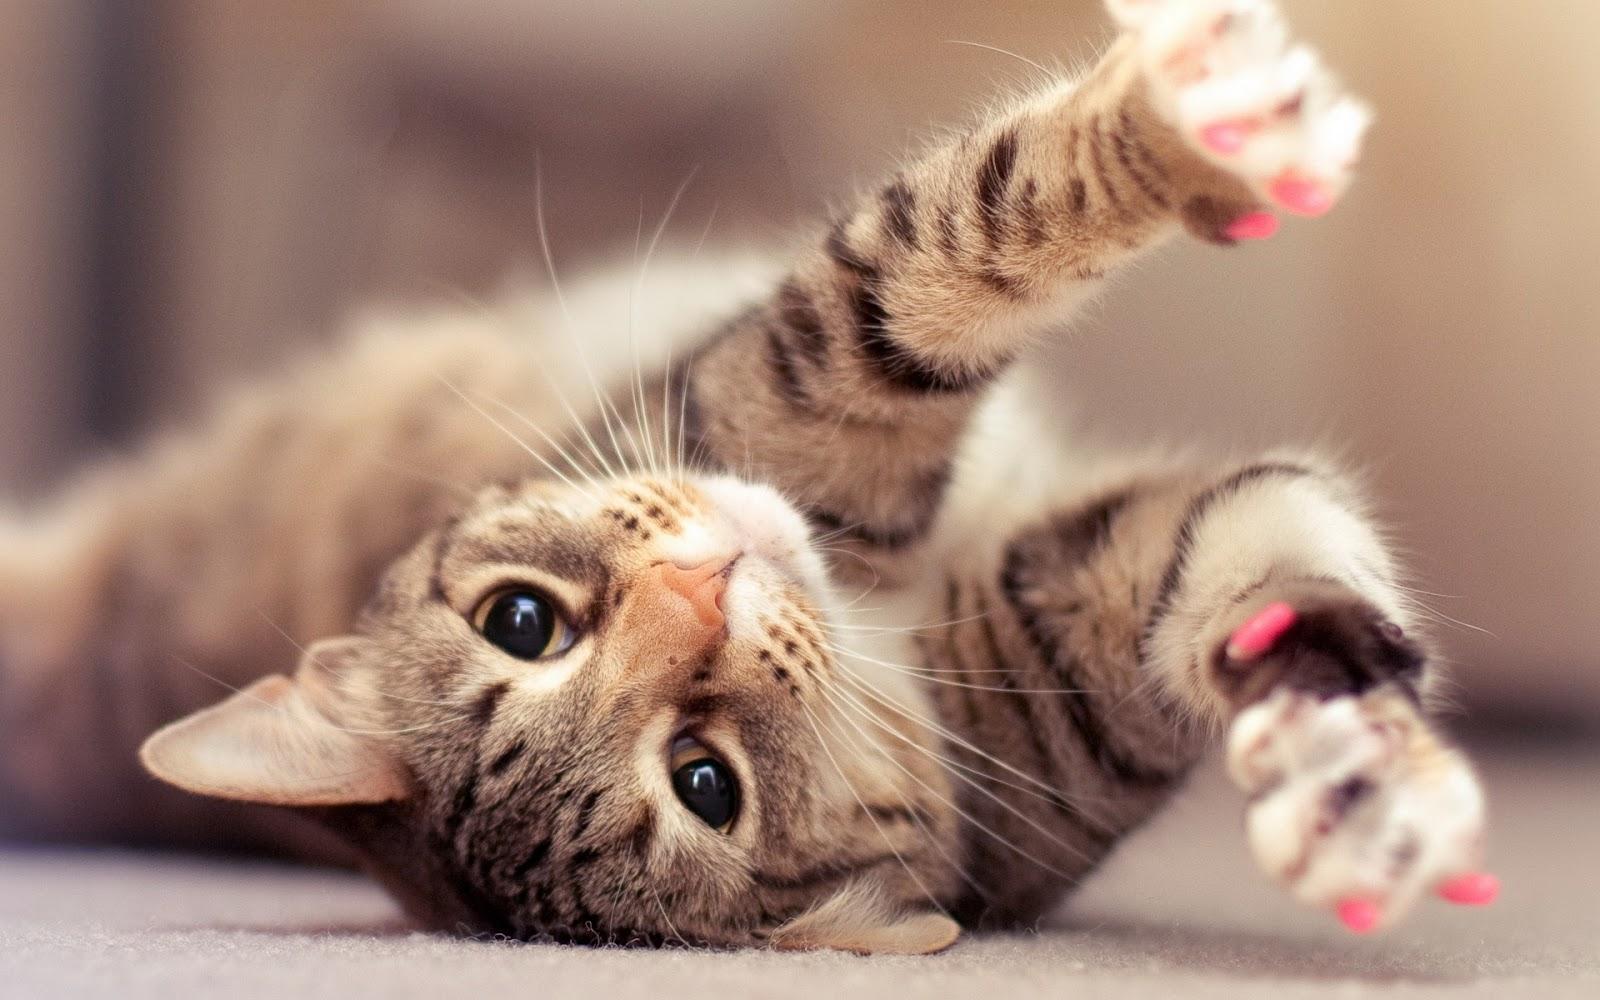 Cómo cuidar a tu gato: cuidados y nombres para tu mascota. Gato tierno